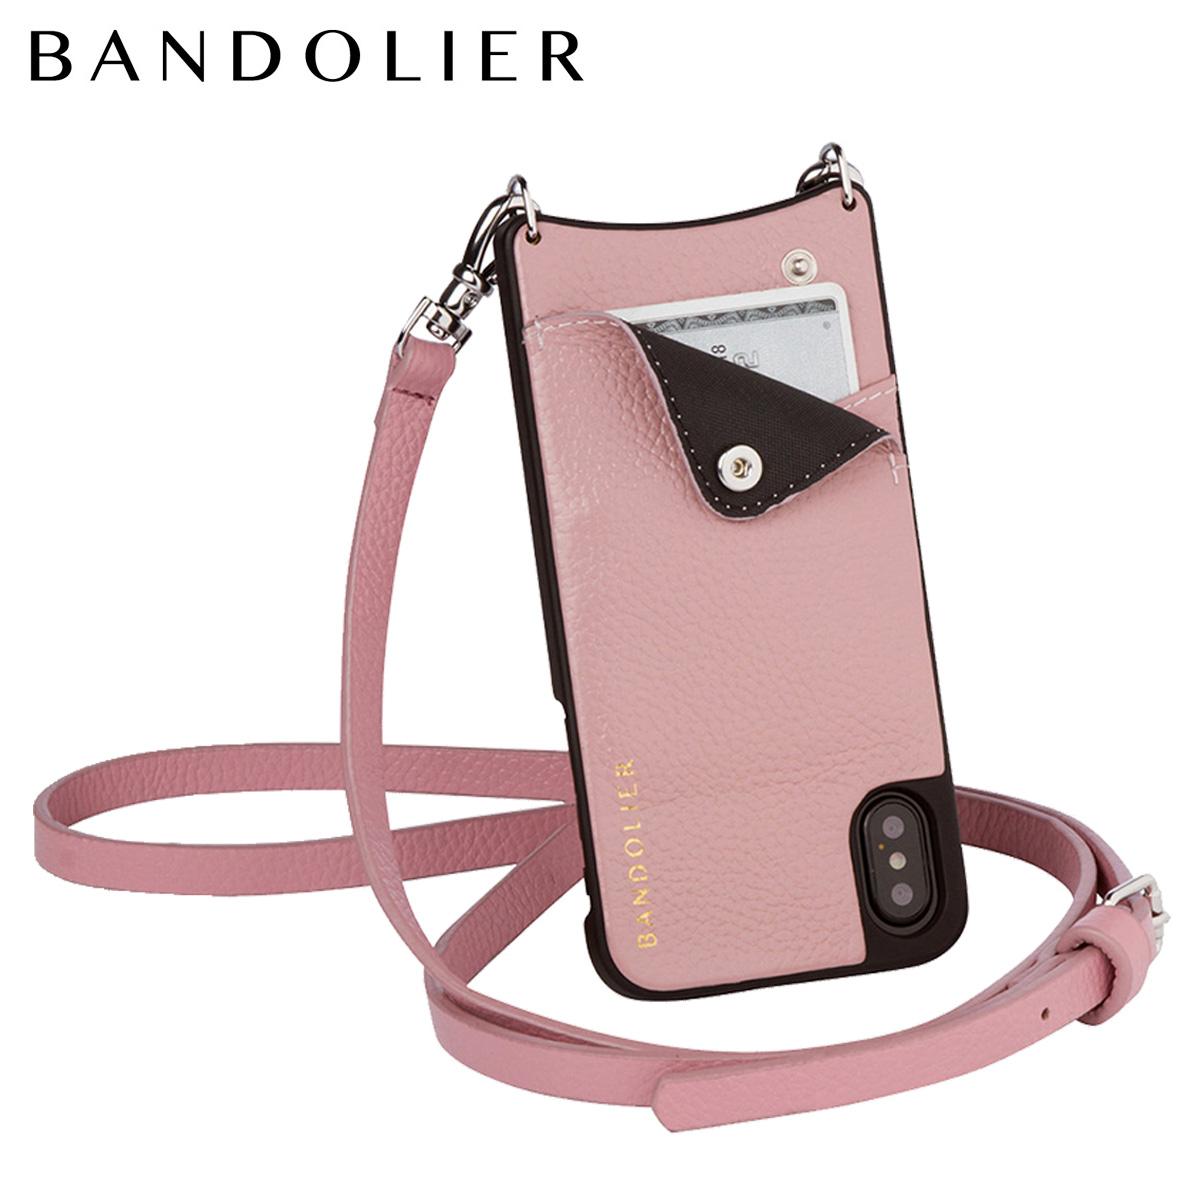 バンドリヤー BANDOLIER iPhoneX ケース スマホ アイフォン EMMA DESERT ROSE レザー メンズ レディース [7/26 新入荷]